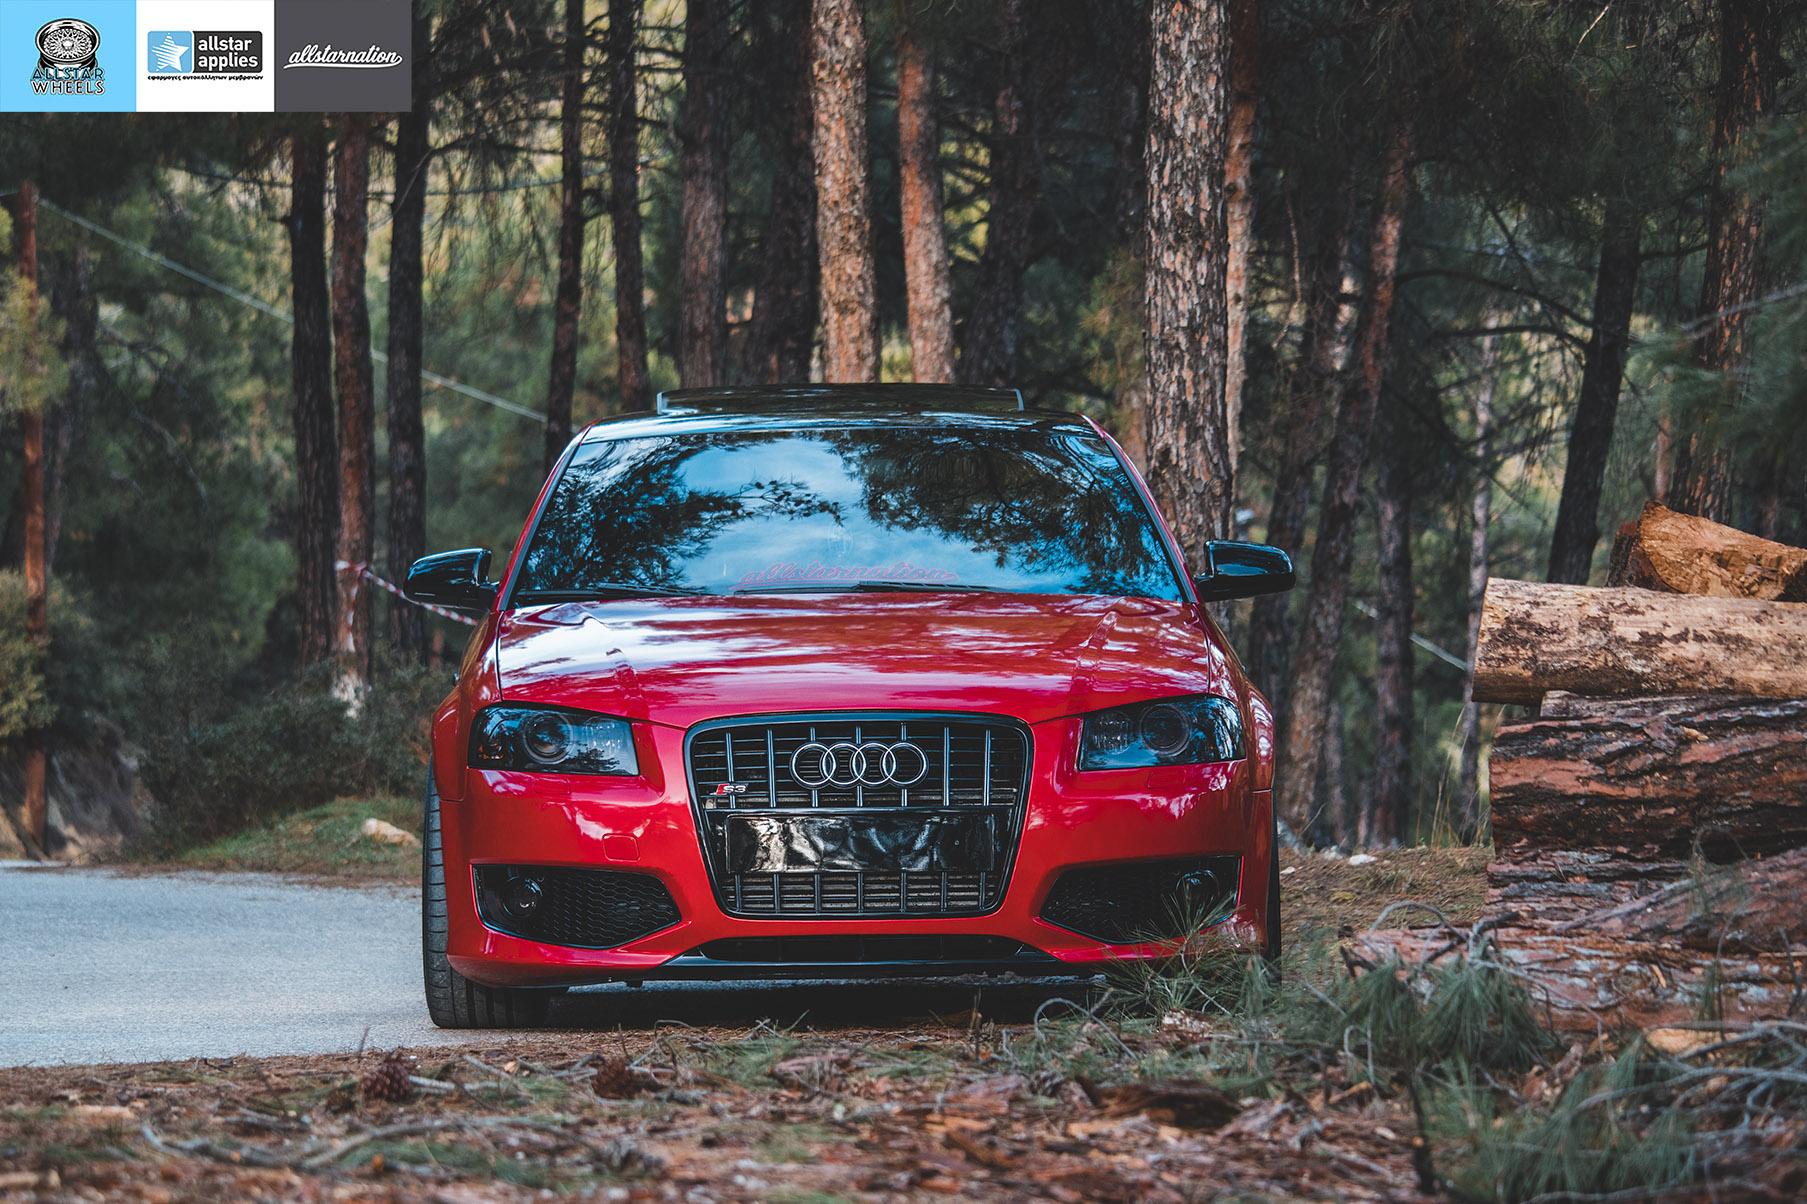 αλλαγή χρώματος με μεμβράνες Audi s3 θεσσαλονίκη allstar applies